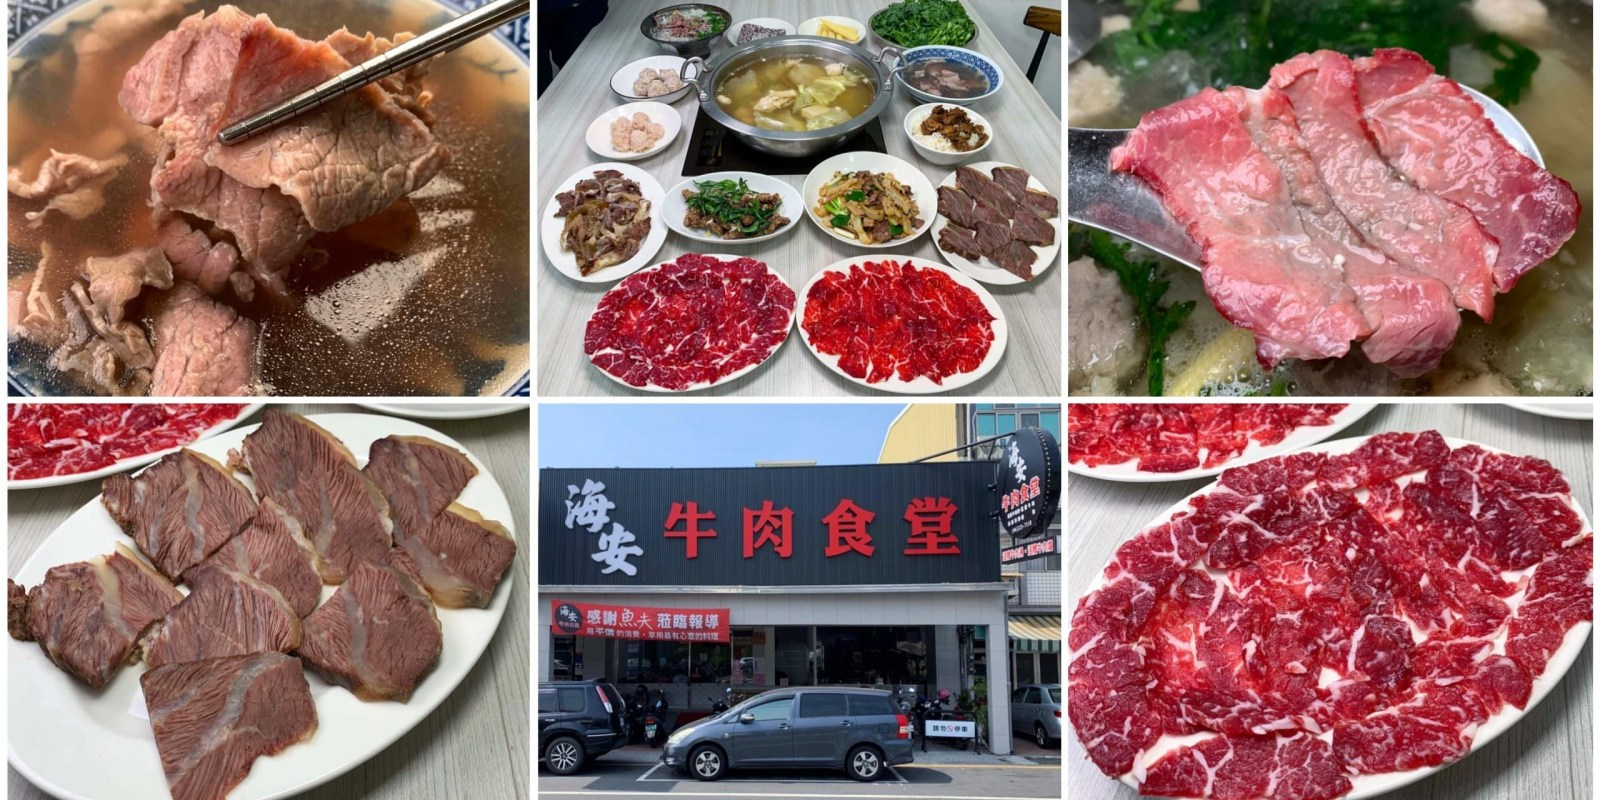 [台南美食] 海安牛肉食堂 - 市區少見可以吃到美味的溫體牛肉火鍋店!